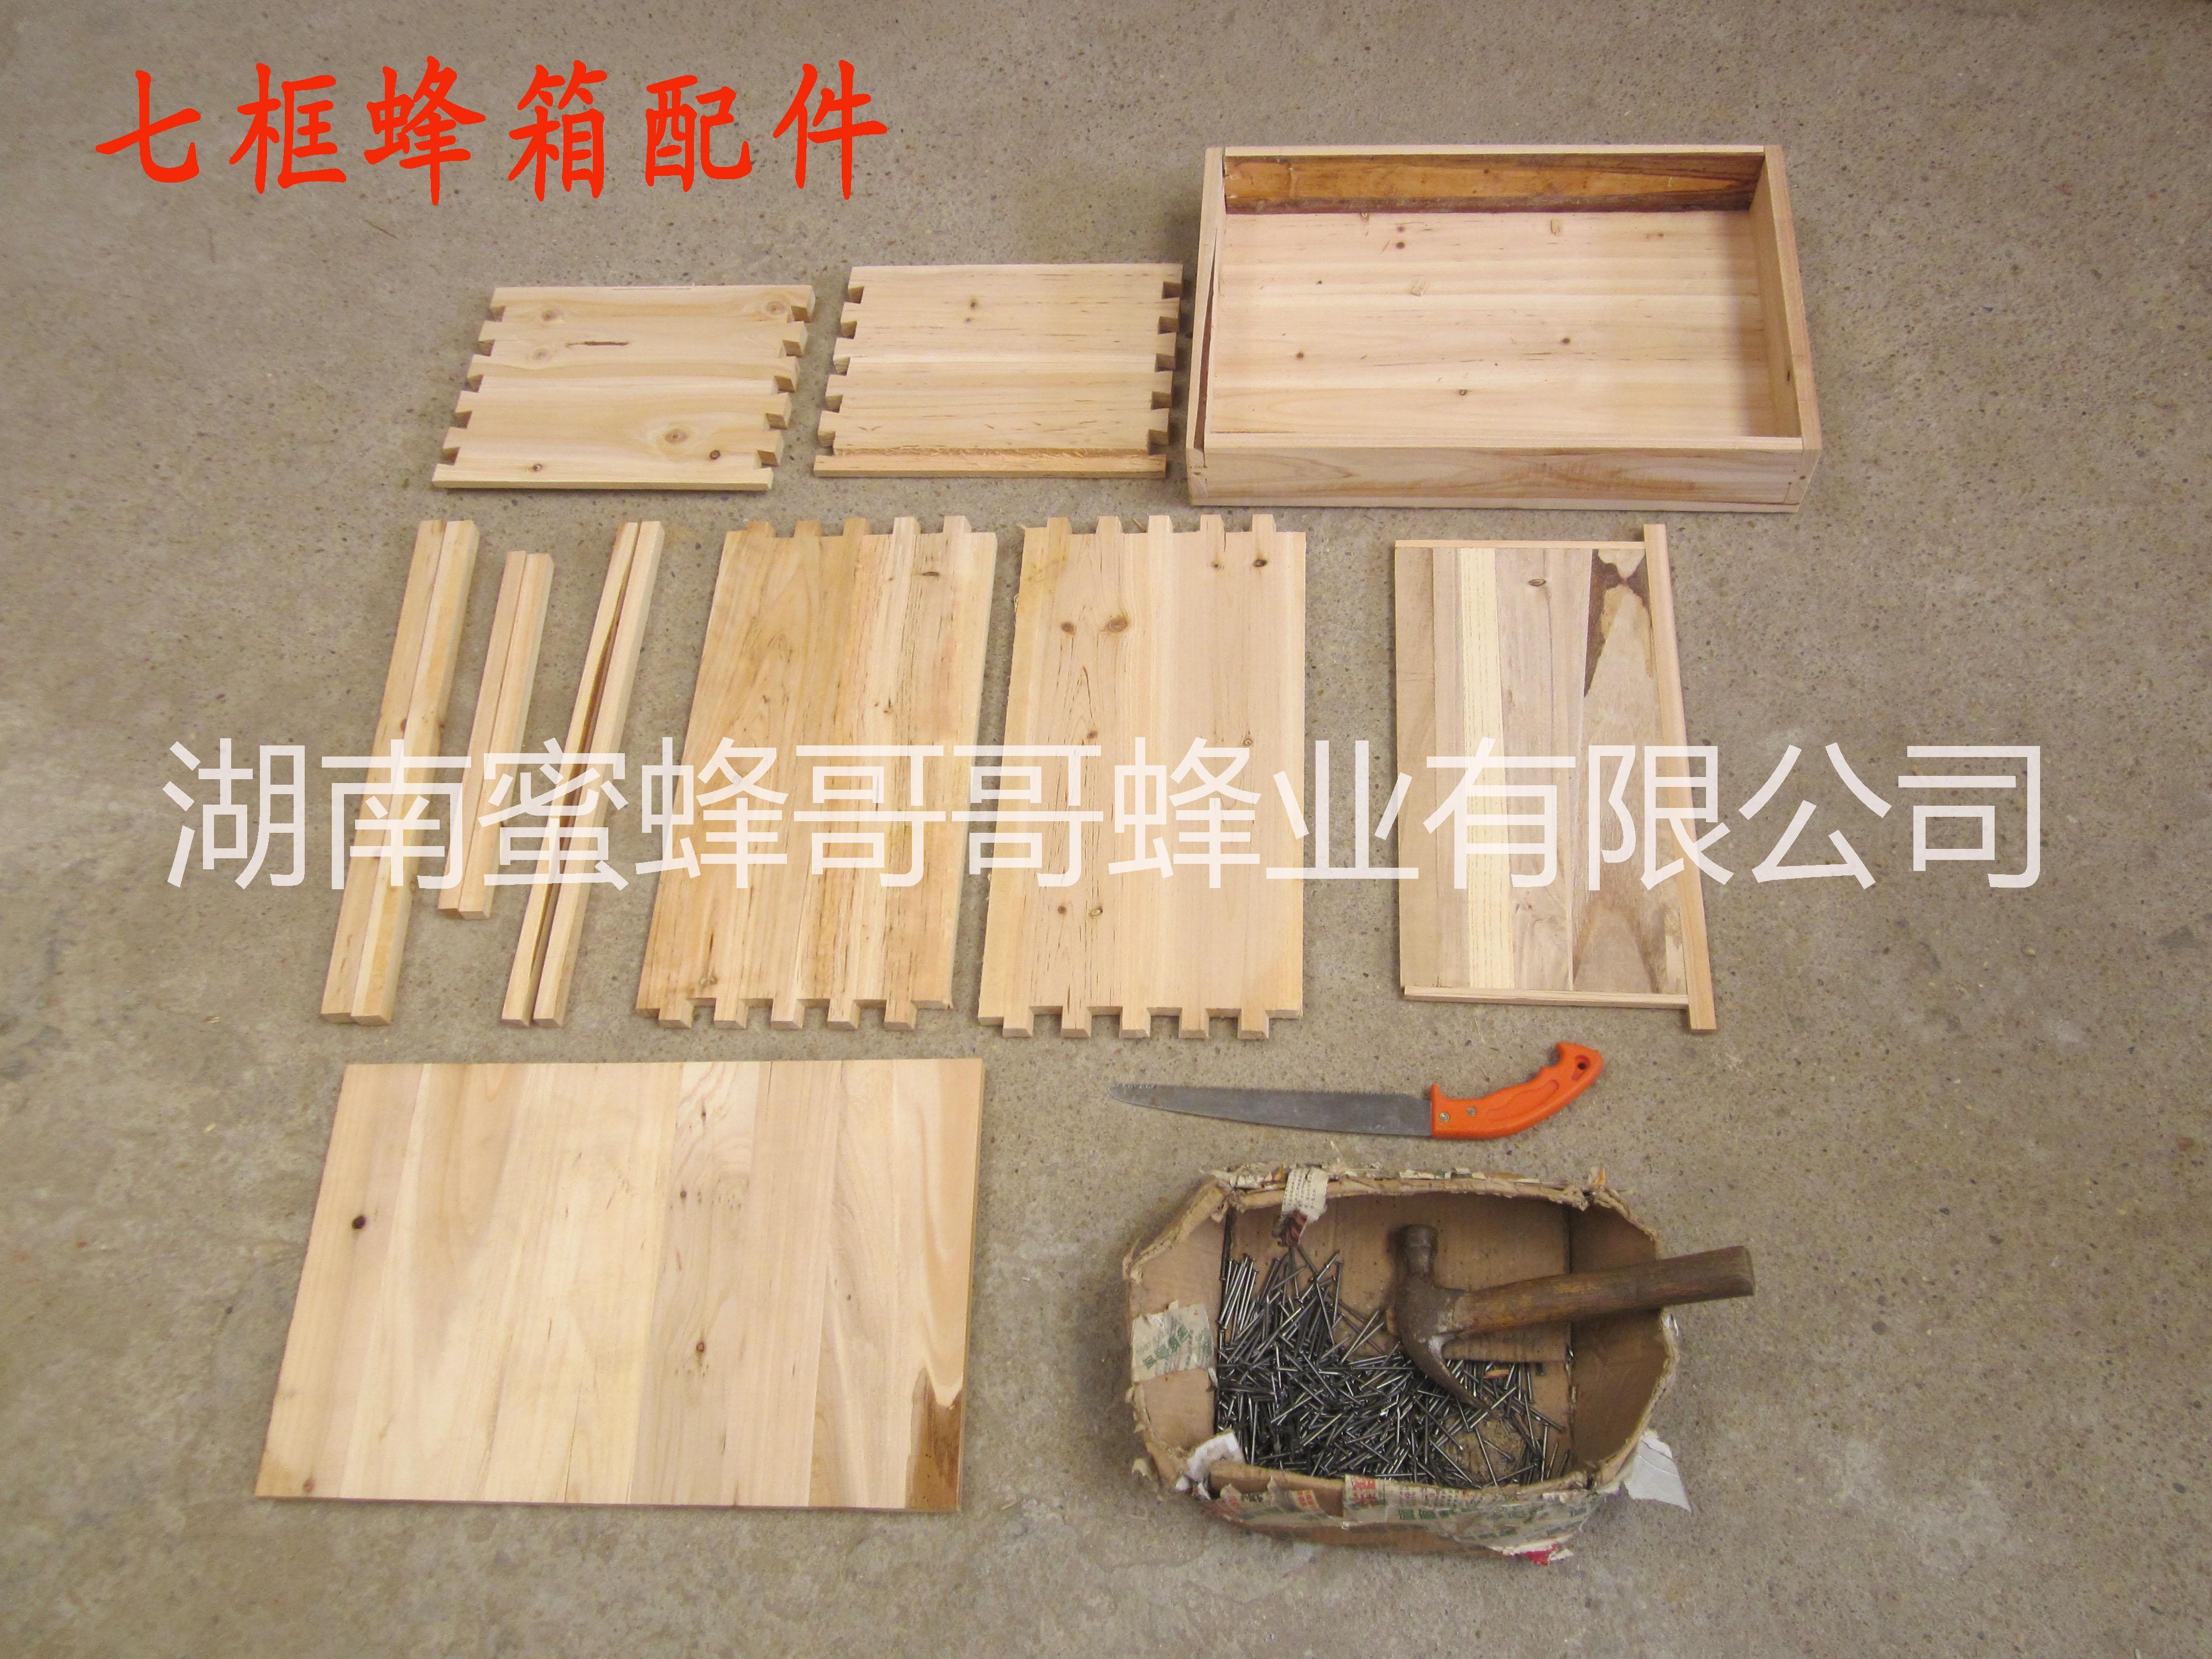 蜜蜂哥哥个供应用于养蜂专用的四川 云南 贵州杉木蜂箱 老式蜂箱 意蜂